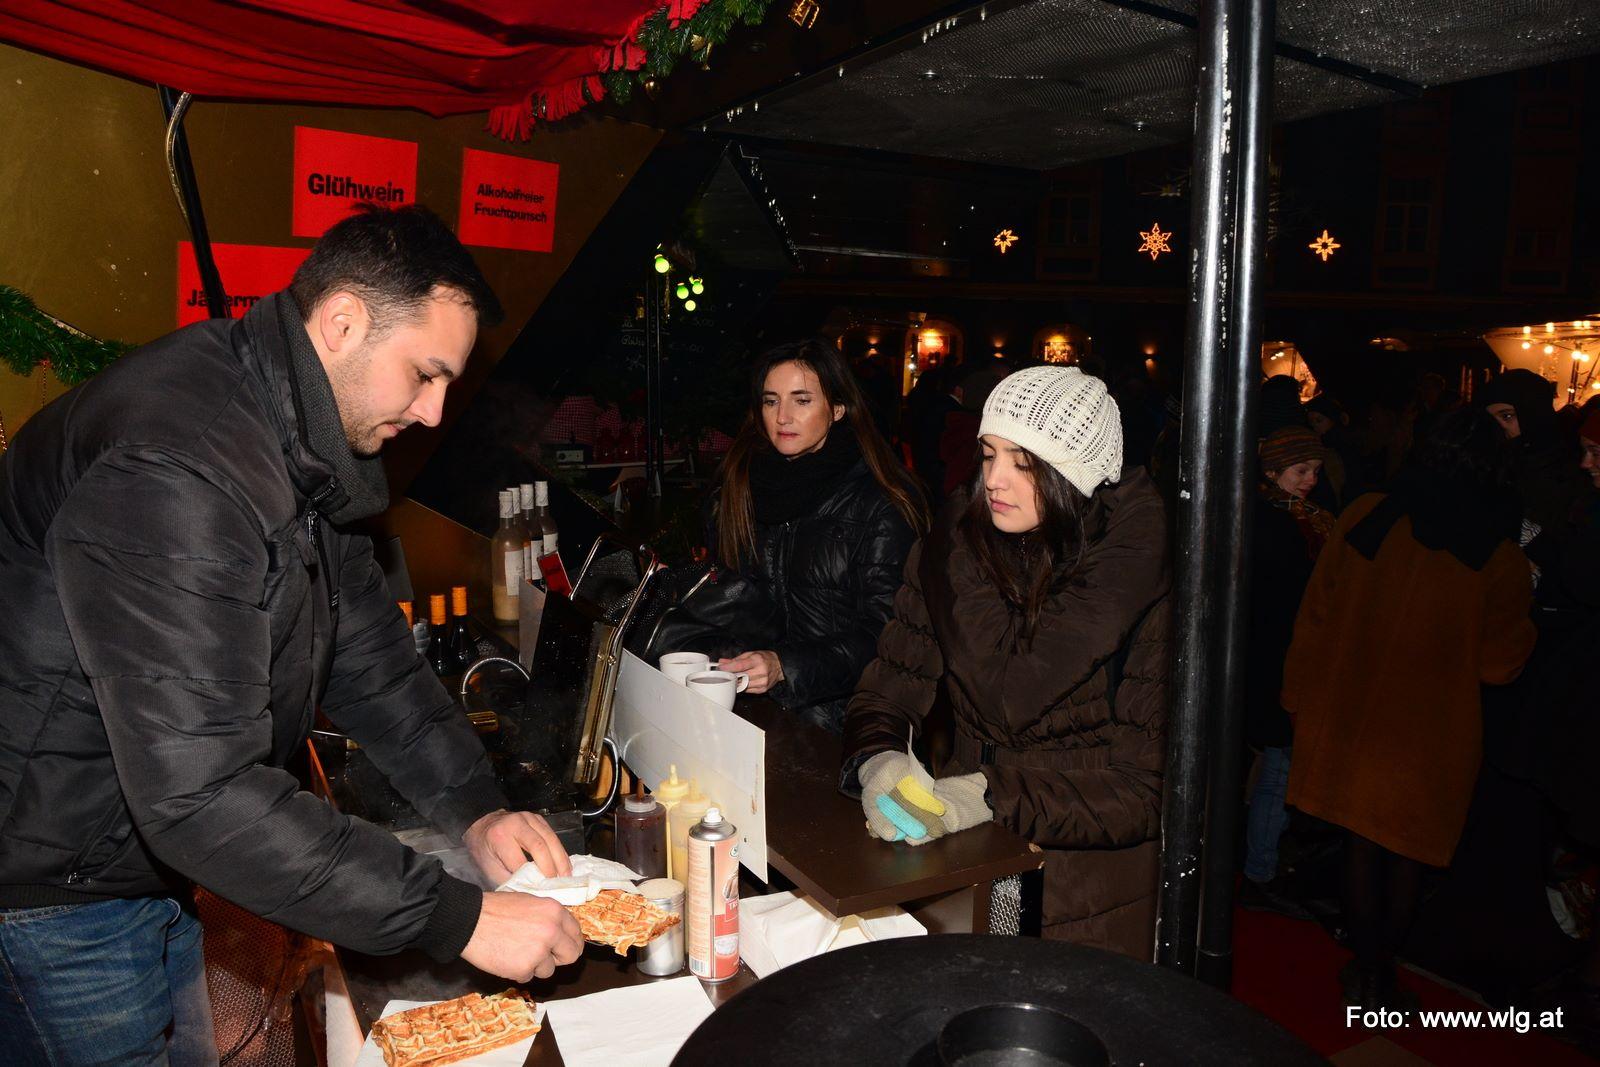 Mehlplatz: Glühwein Aktion am 27.11.2014